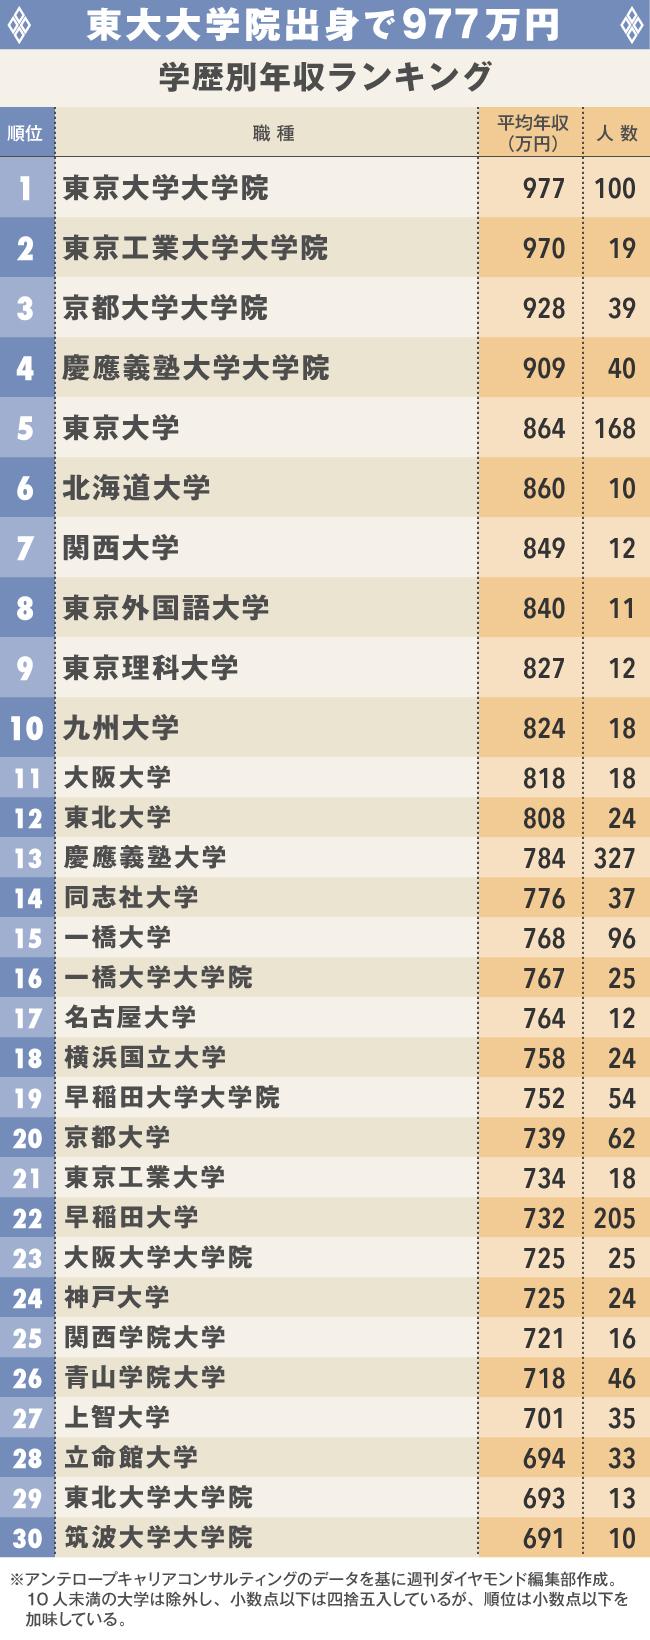 若くても高年収な職業ランキング・ベスト30!